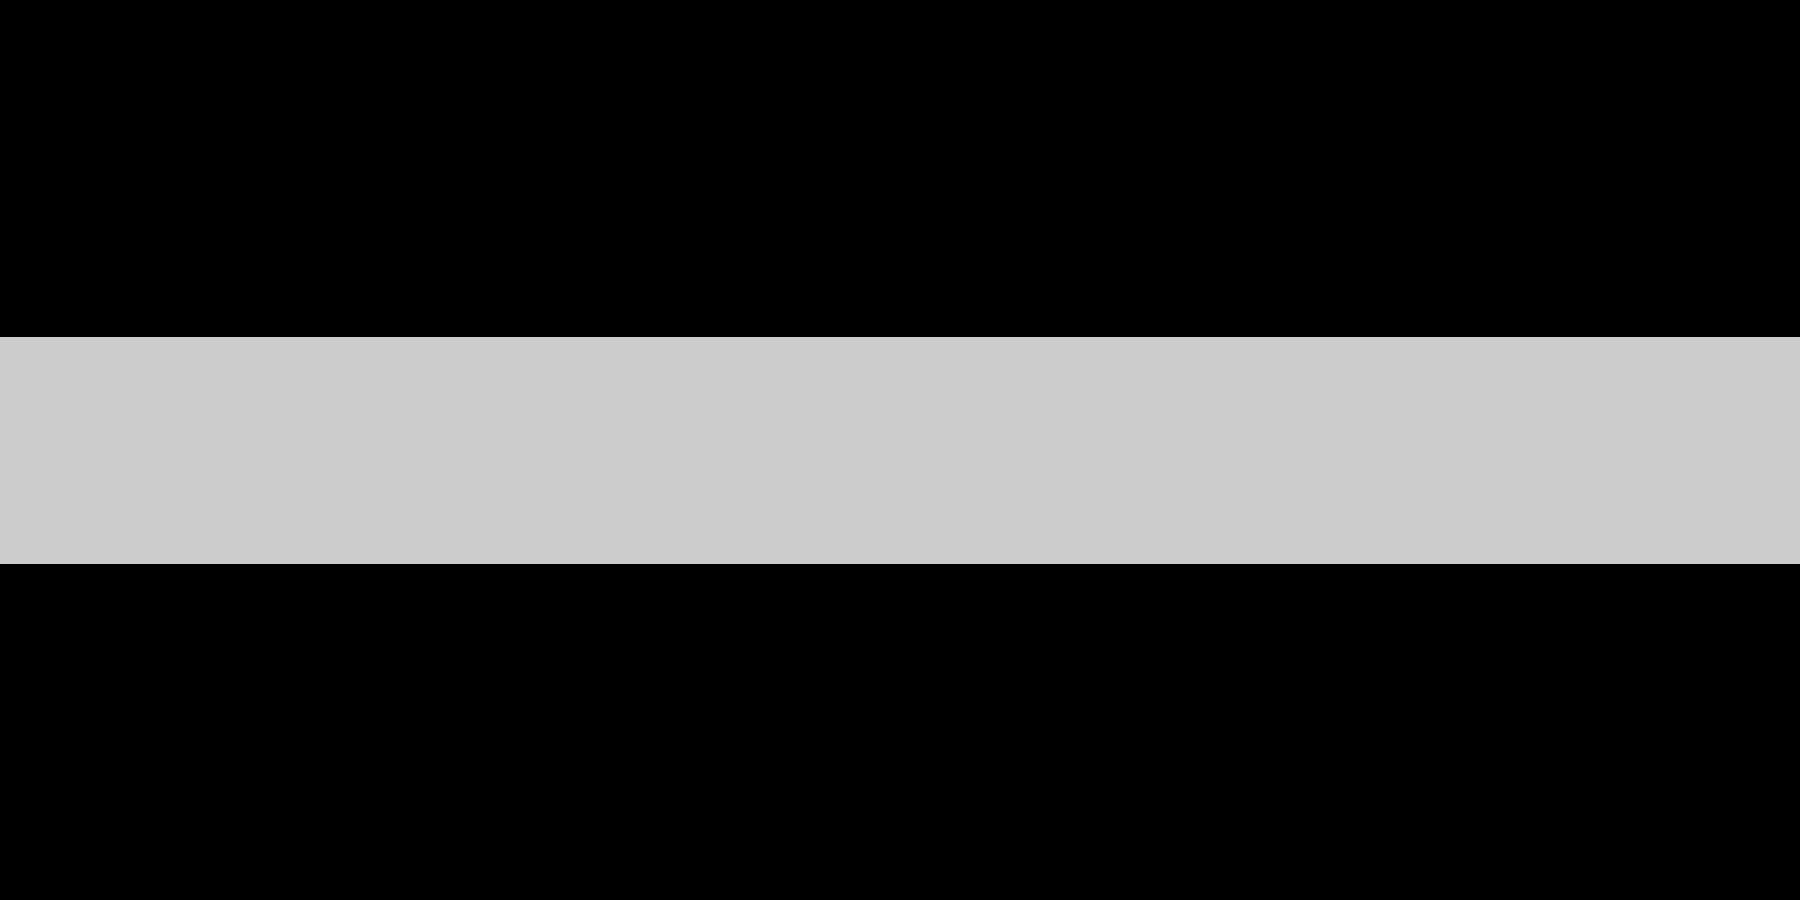 ソルフェジオ周波数_639hzの未再生の波形